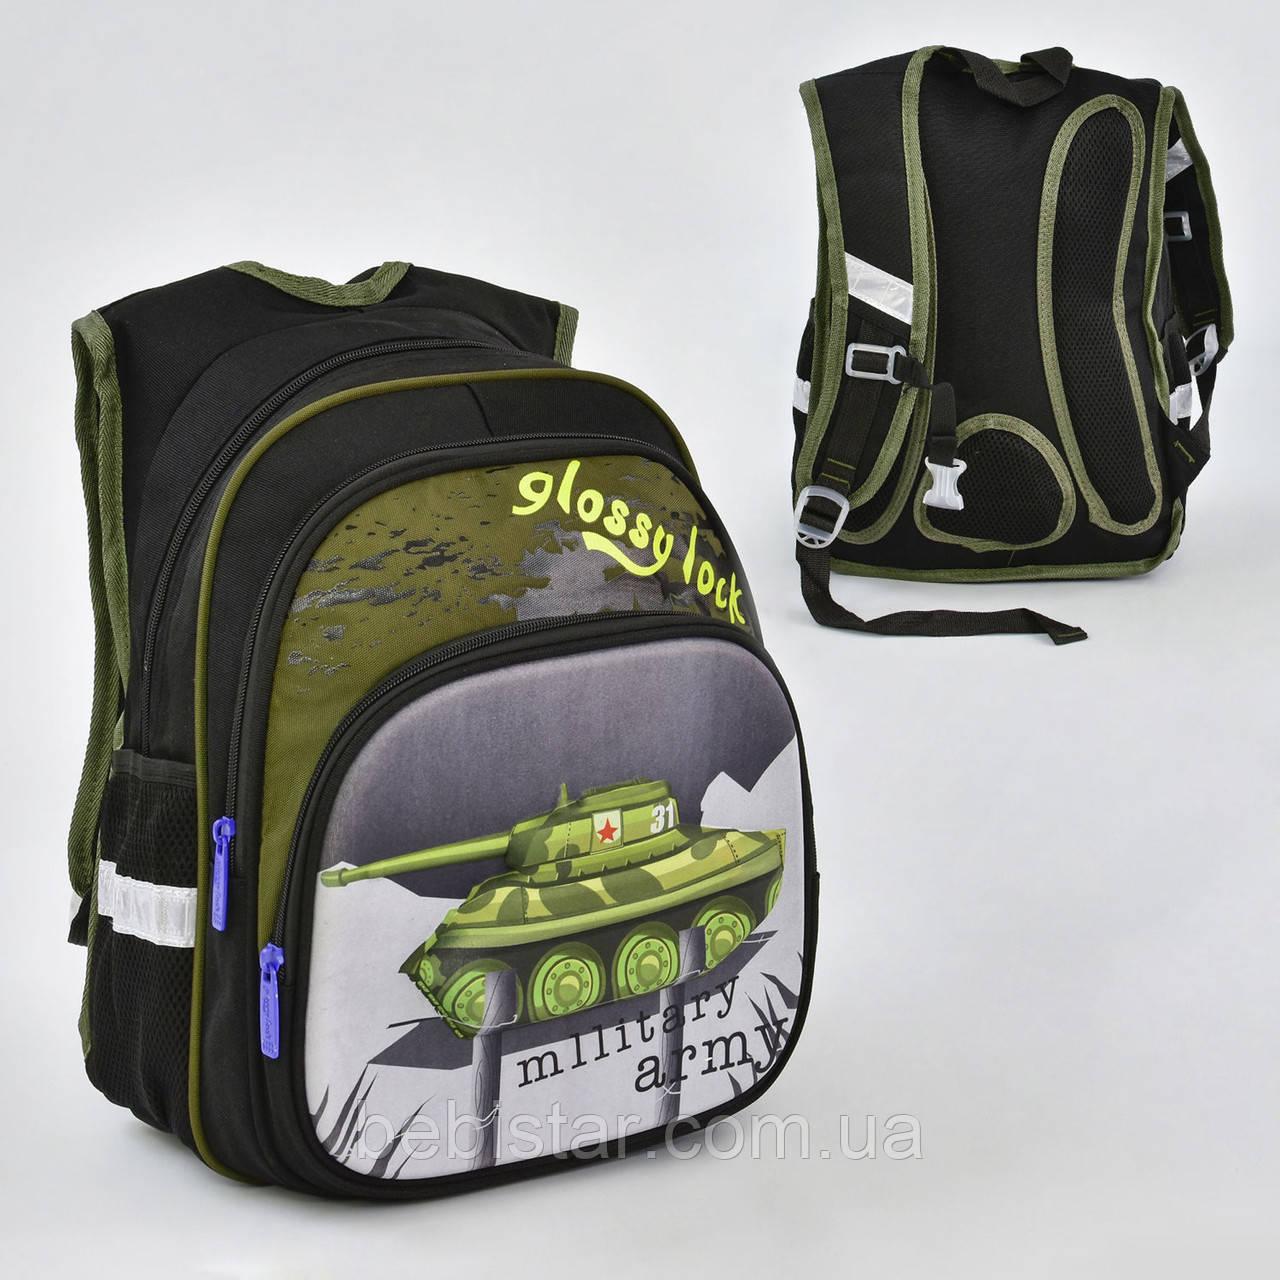 Школьный рюкзак ортопедическая спинка 3 кармана цвет хаки